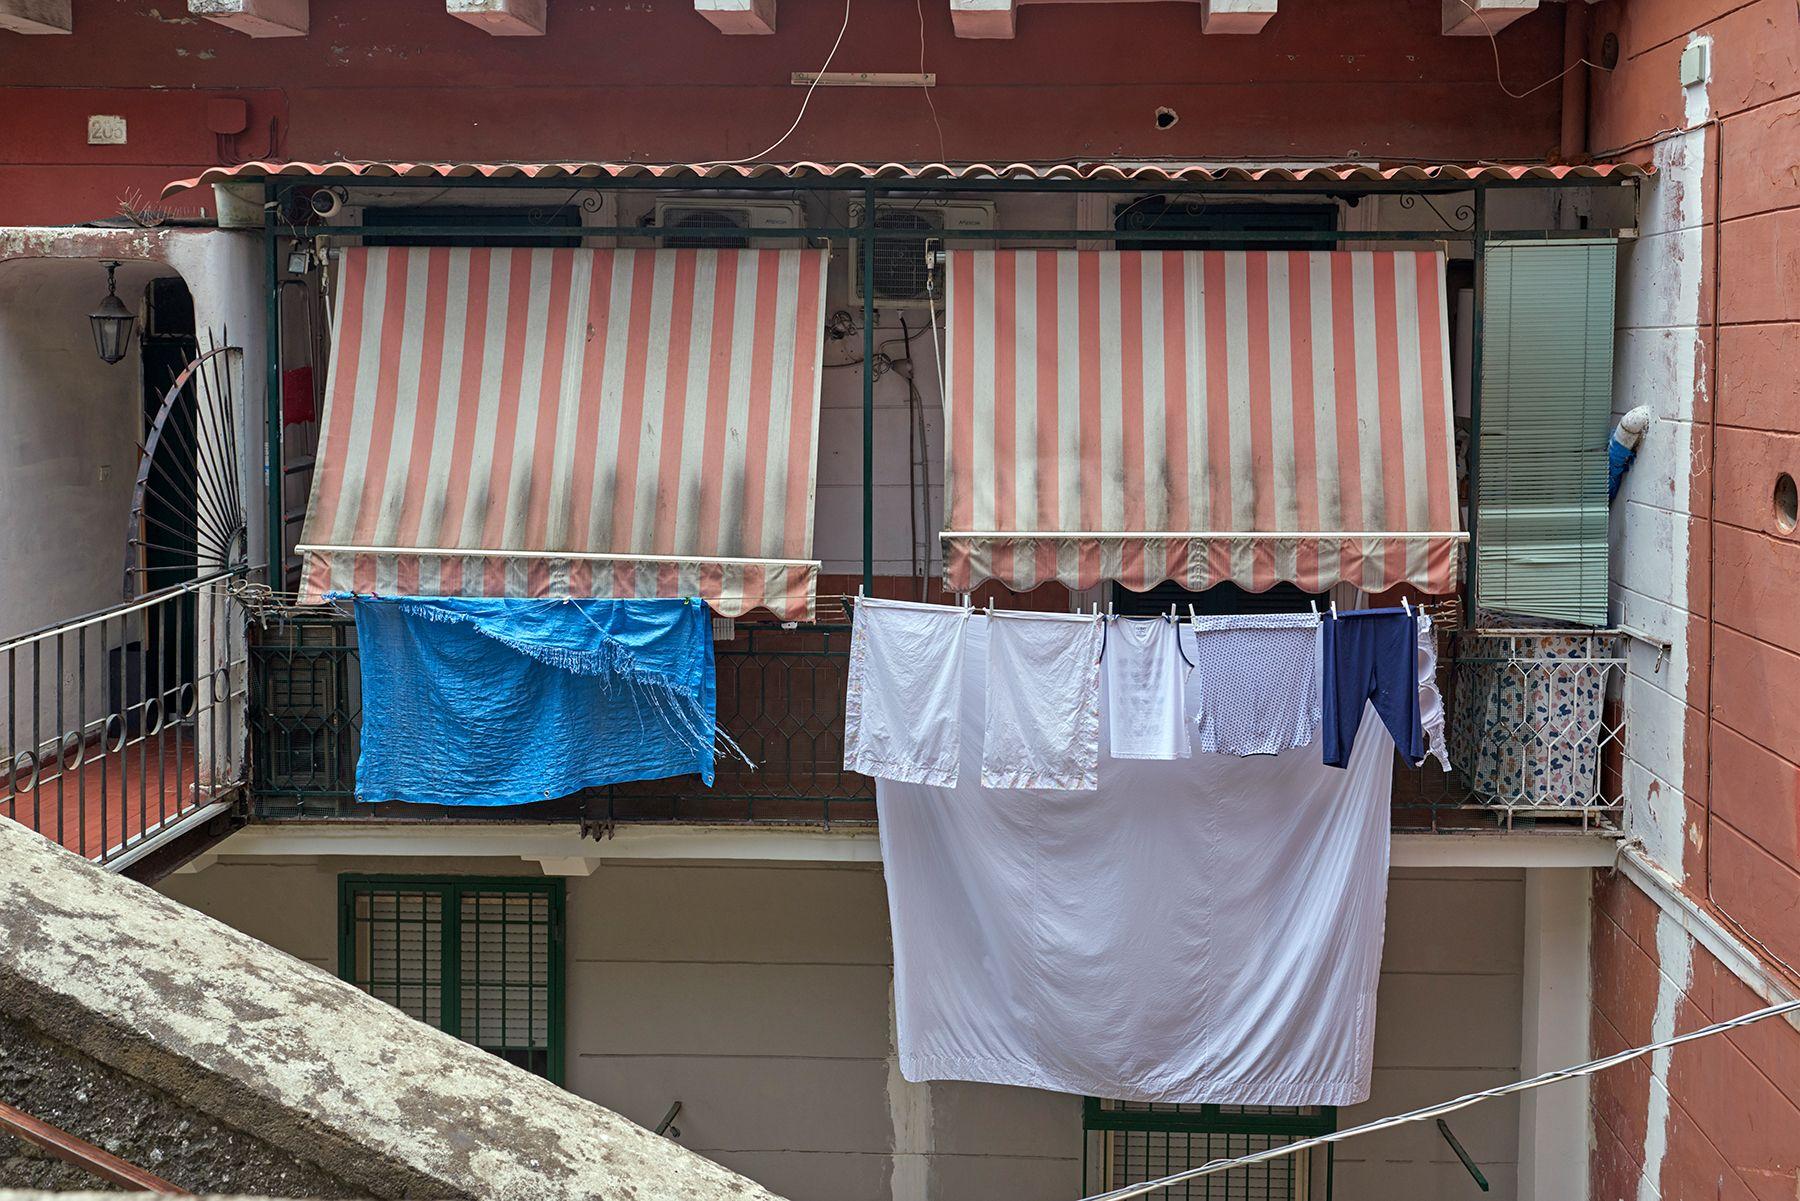 Patio con ropa secandose